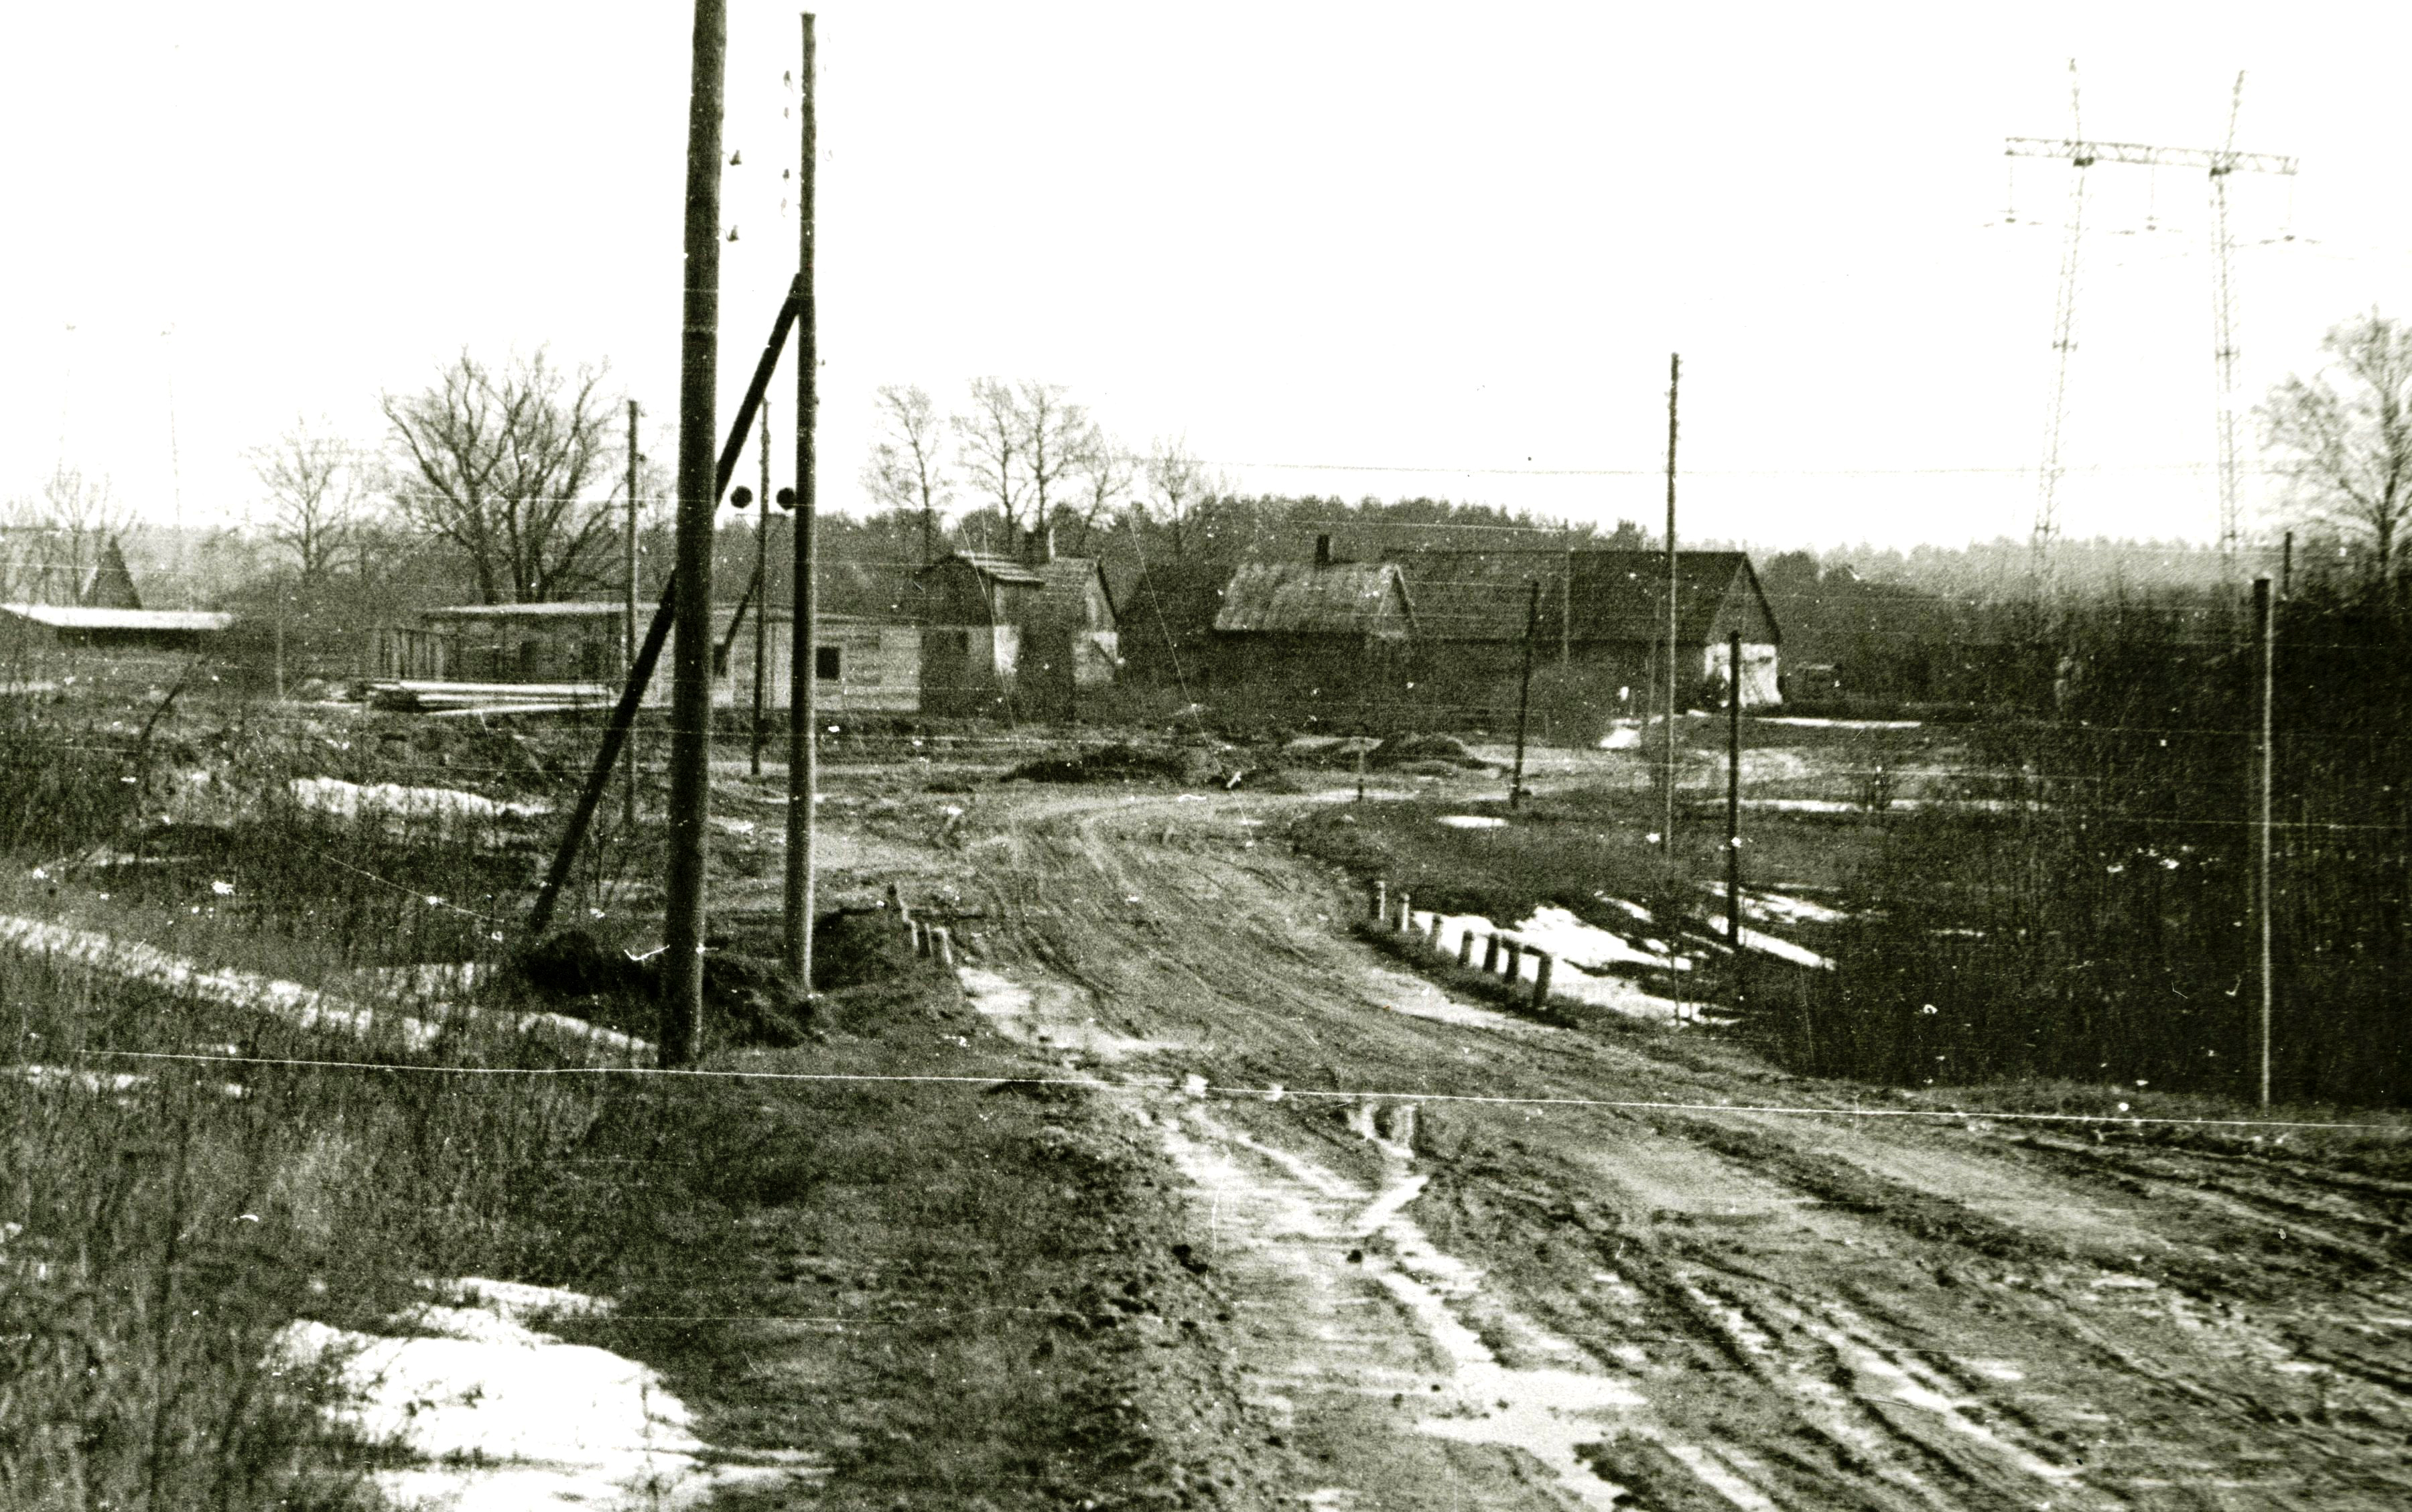 Jaunjelgavas šoseja, Pūķupes tilts, aiz tā Klaņģu mājas un Klaņģu kalns. 20. gs. 60. gadi. Ķekavas novadpētniecības muzeja krājums.